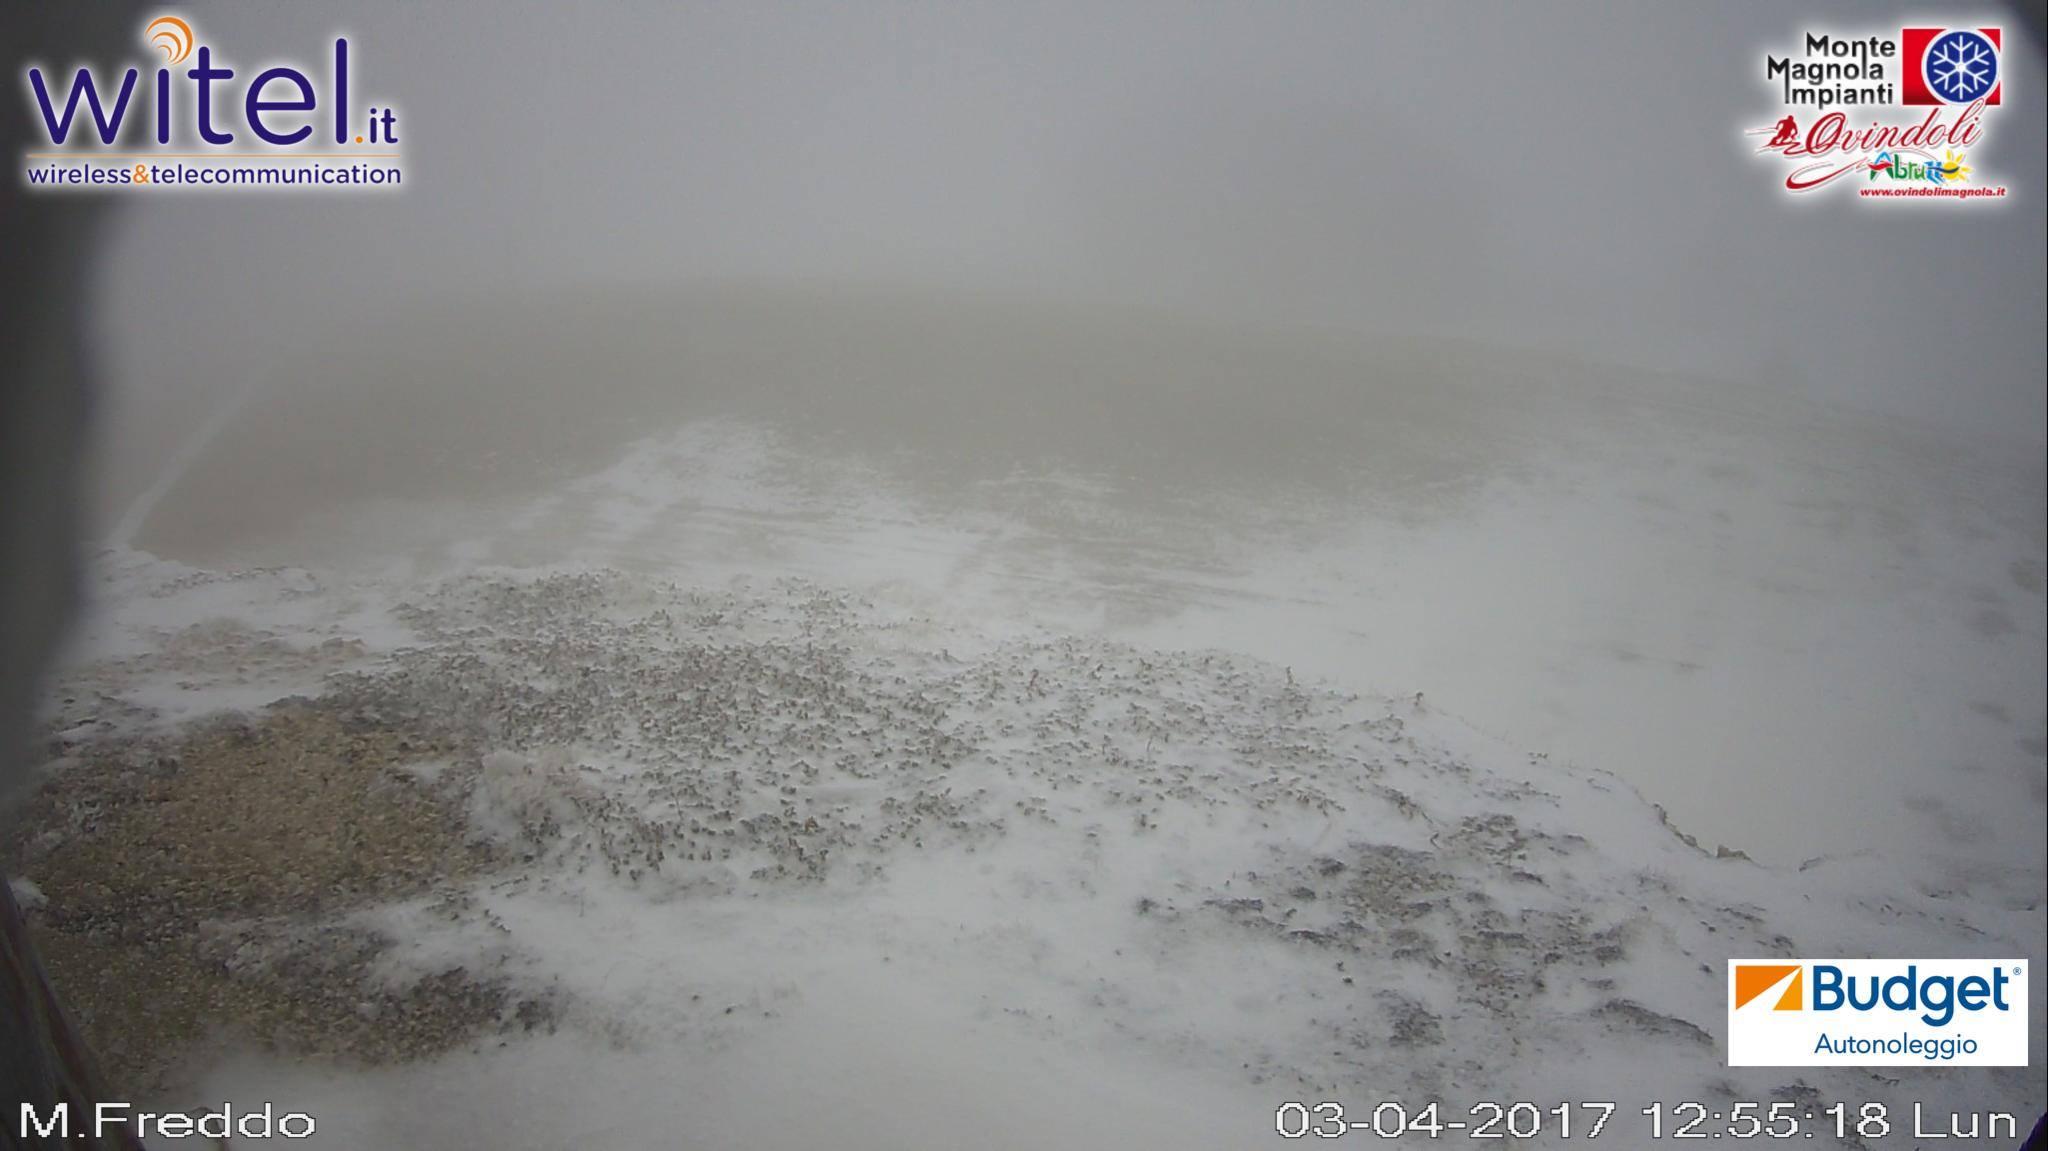 italia centrale neve 3 - Aria fresca in quota, nevica nei monti dell'Italia centrale